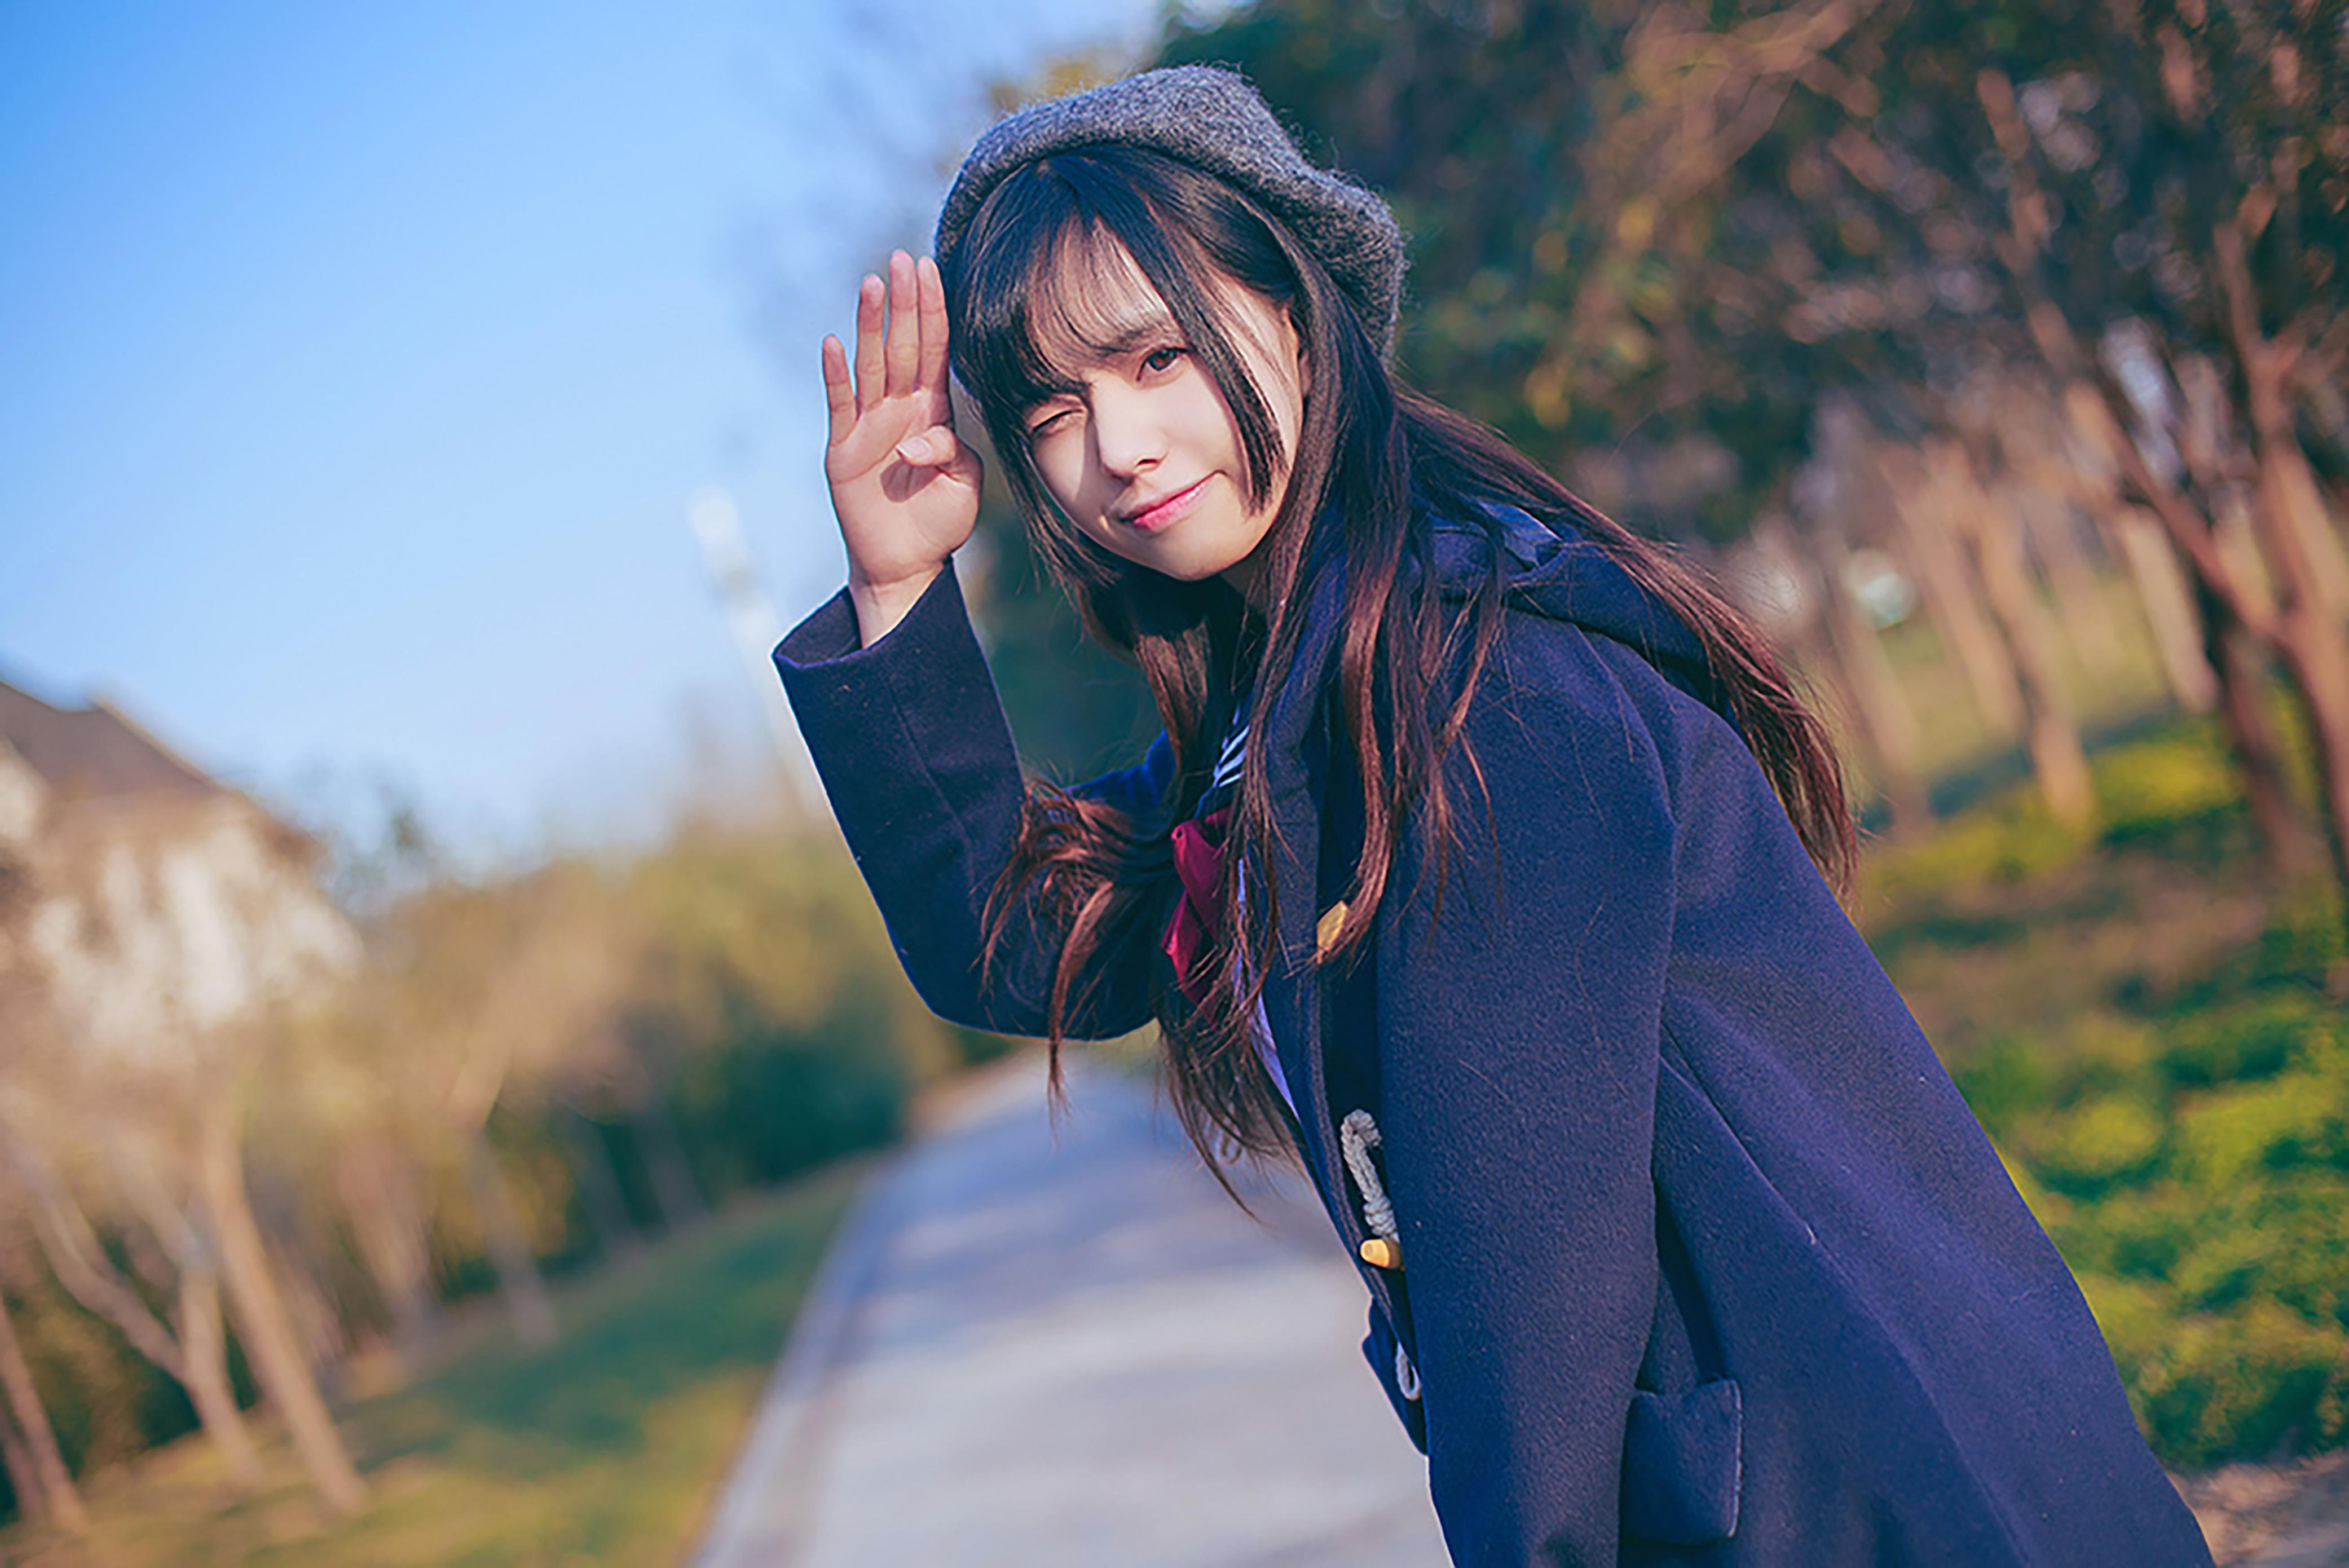 小野妹子w-小野 [9P-43MB]作品 (2)